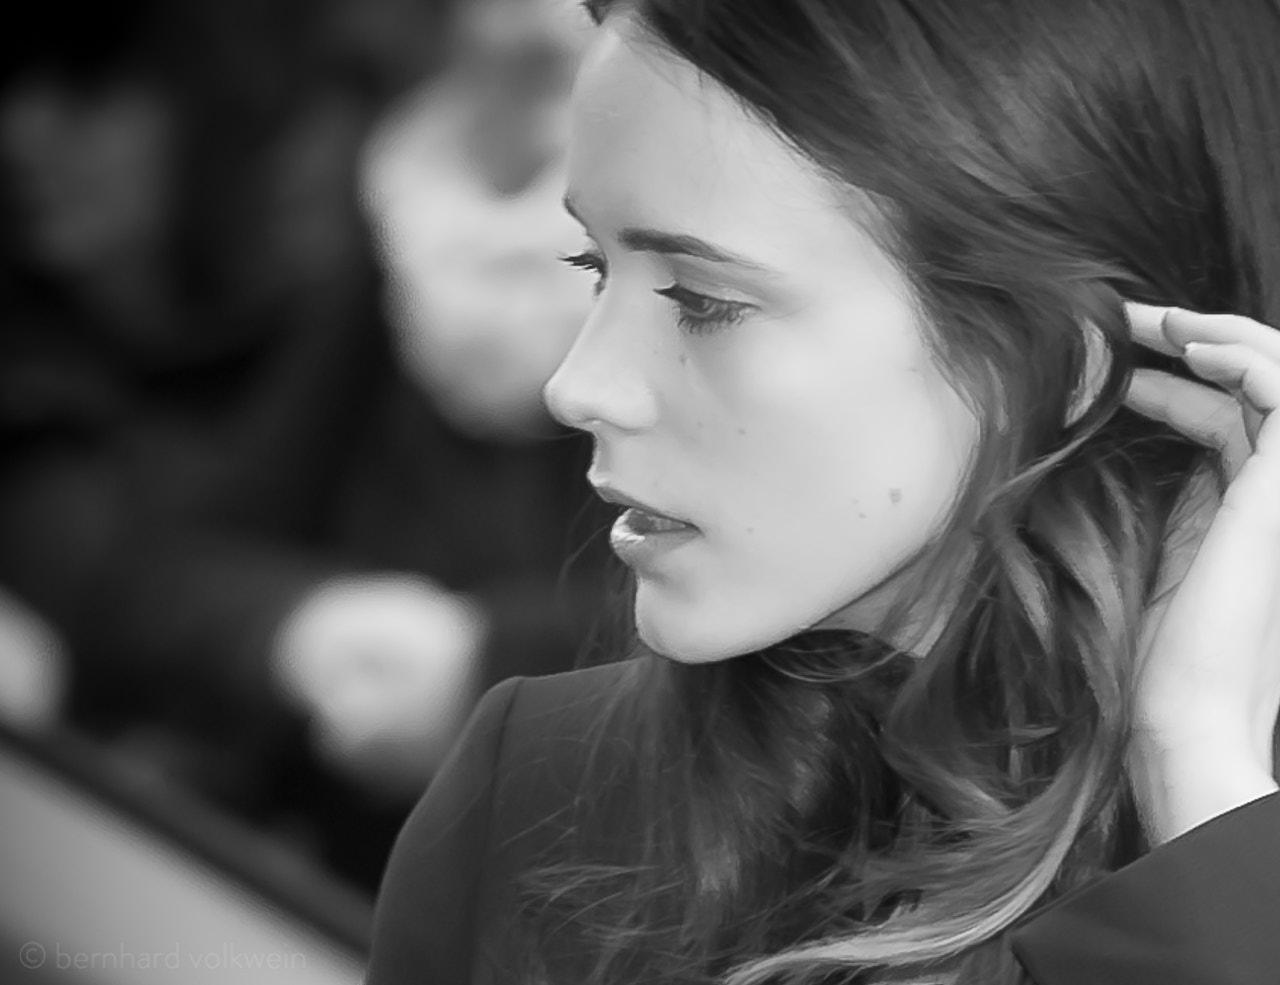 Stacy Martin by Bernhard Volkwein